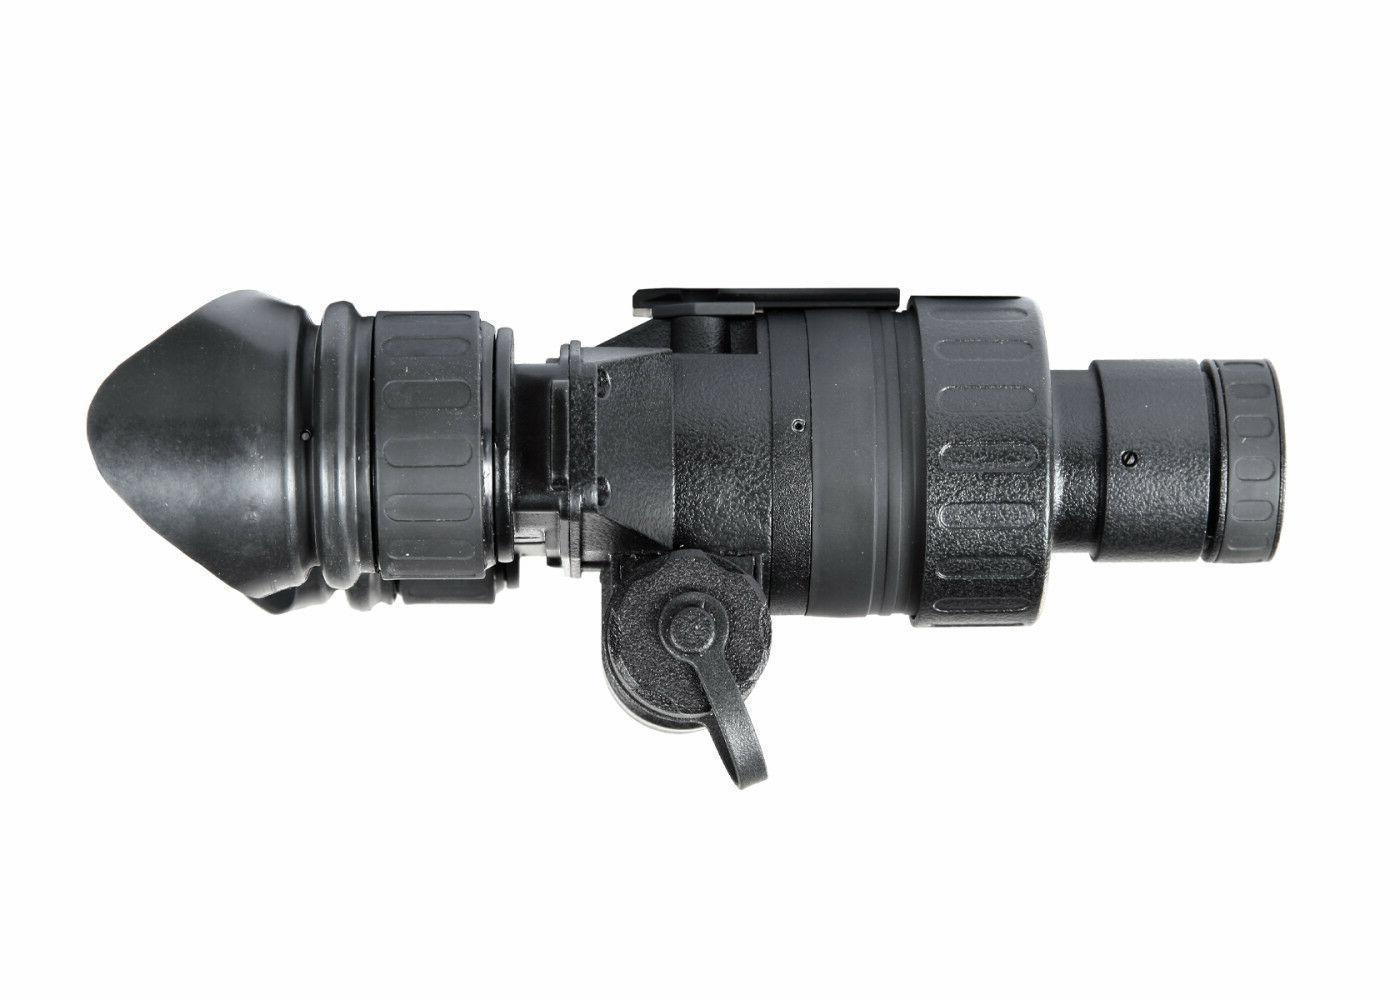 ARMASIGHT GEN SD Definition Night Vision PVS7